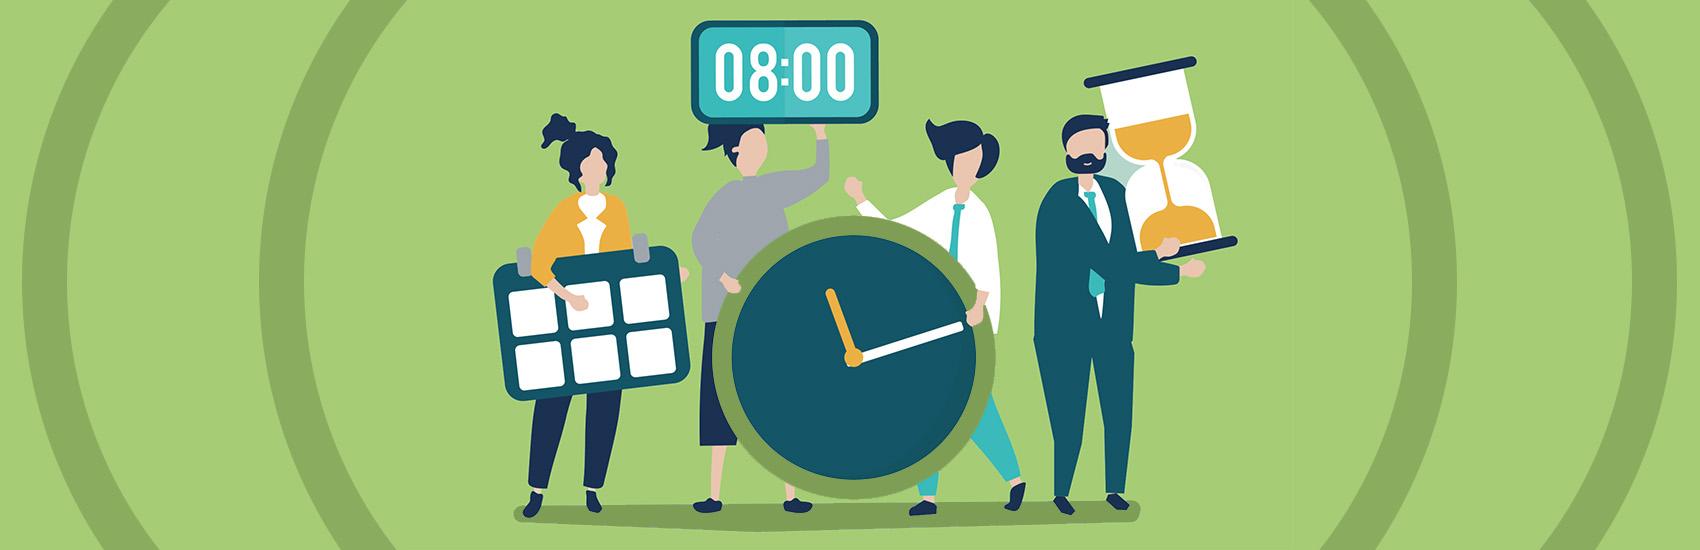 Как понять, что вашему тайм-менеджменту нужна перезагрузка?